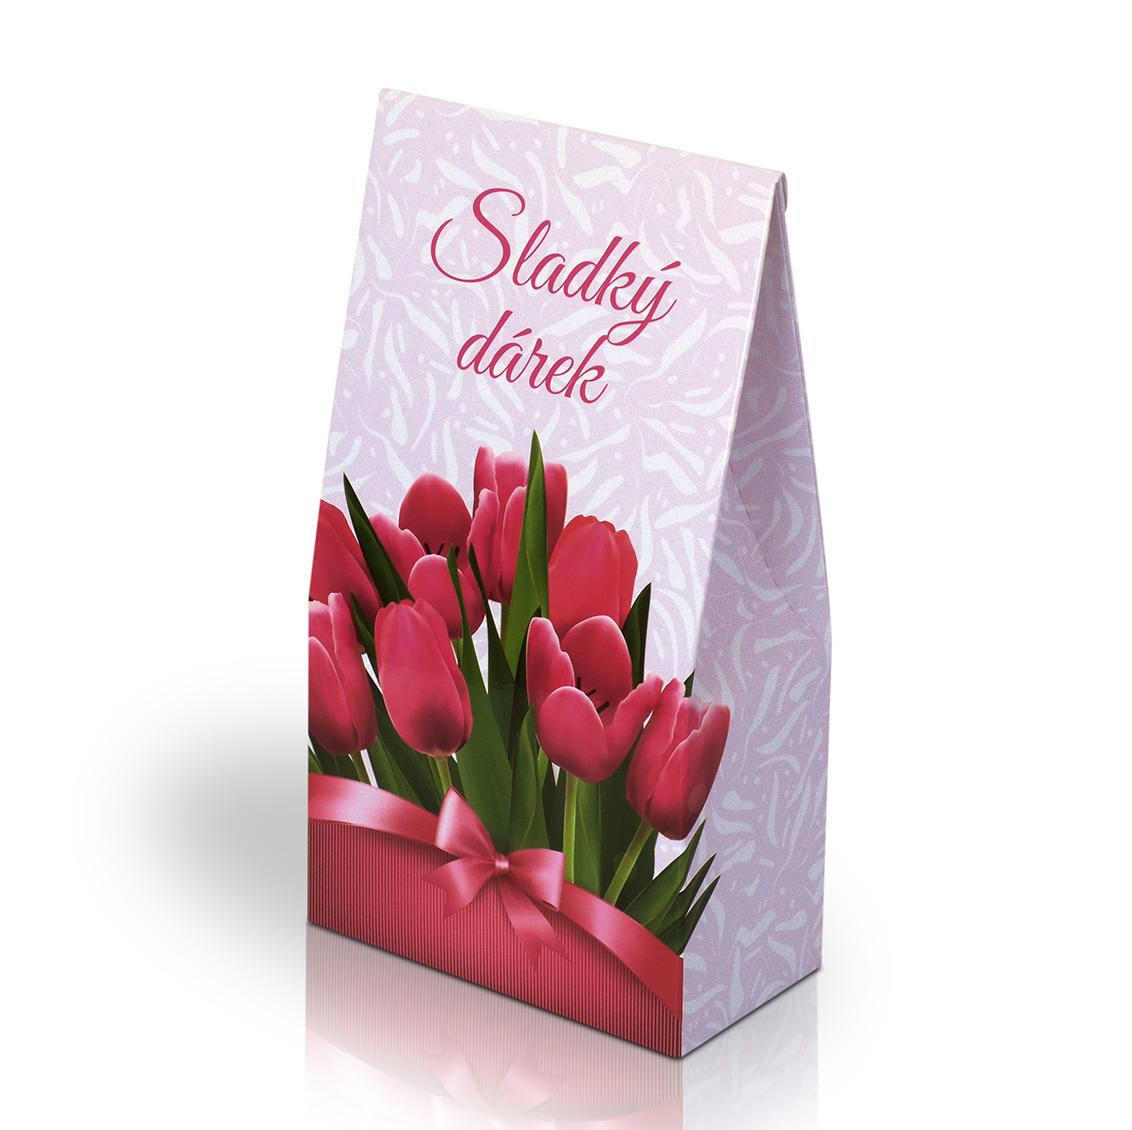 Italské pralinky - Sladký dárek s tulipány 100g (stříška)